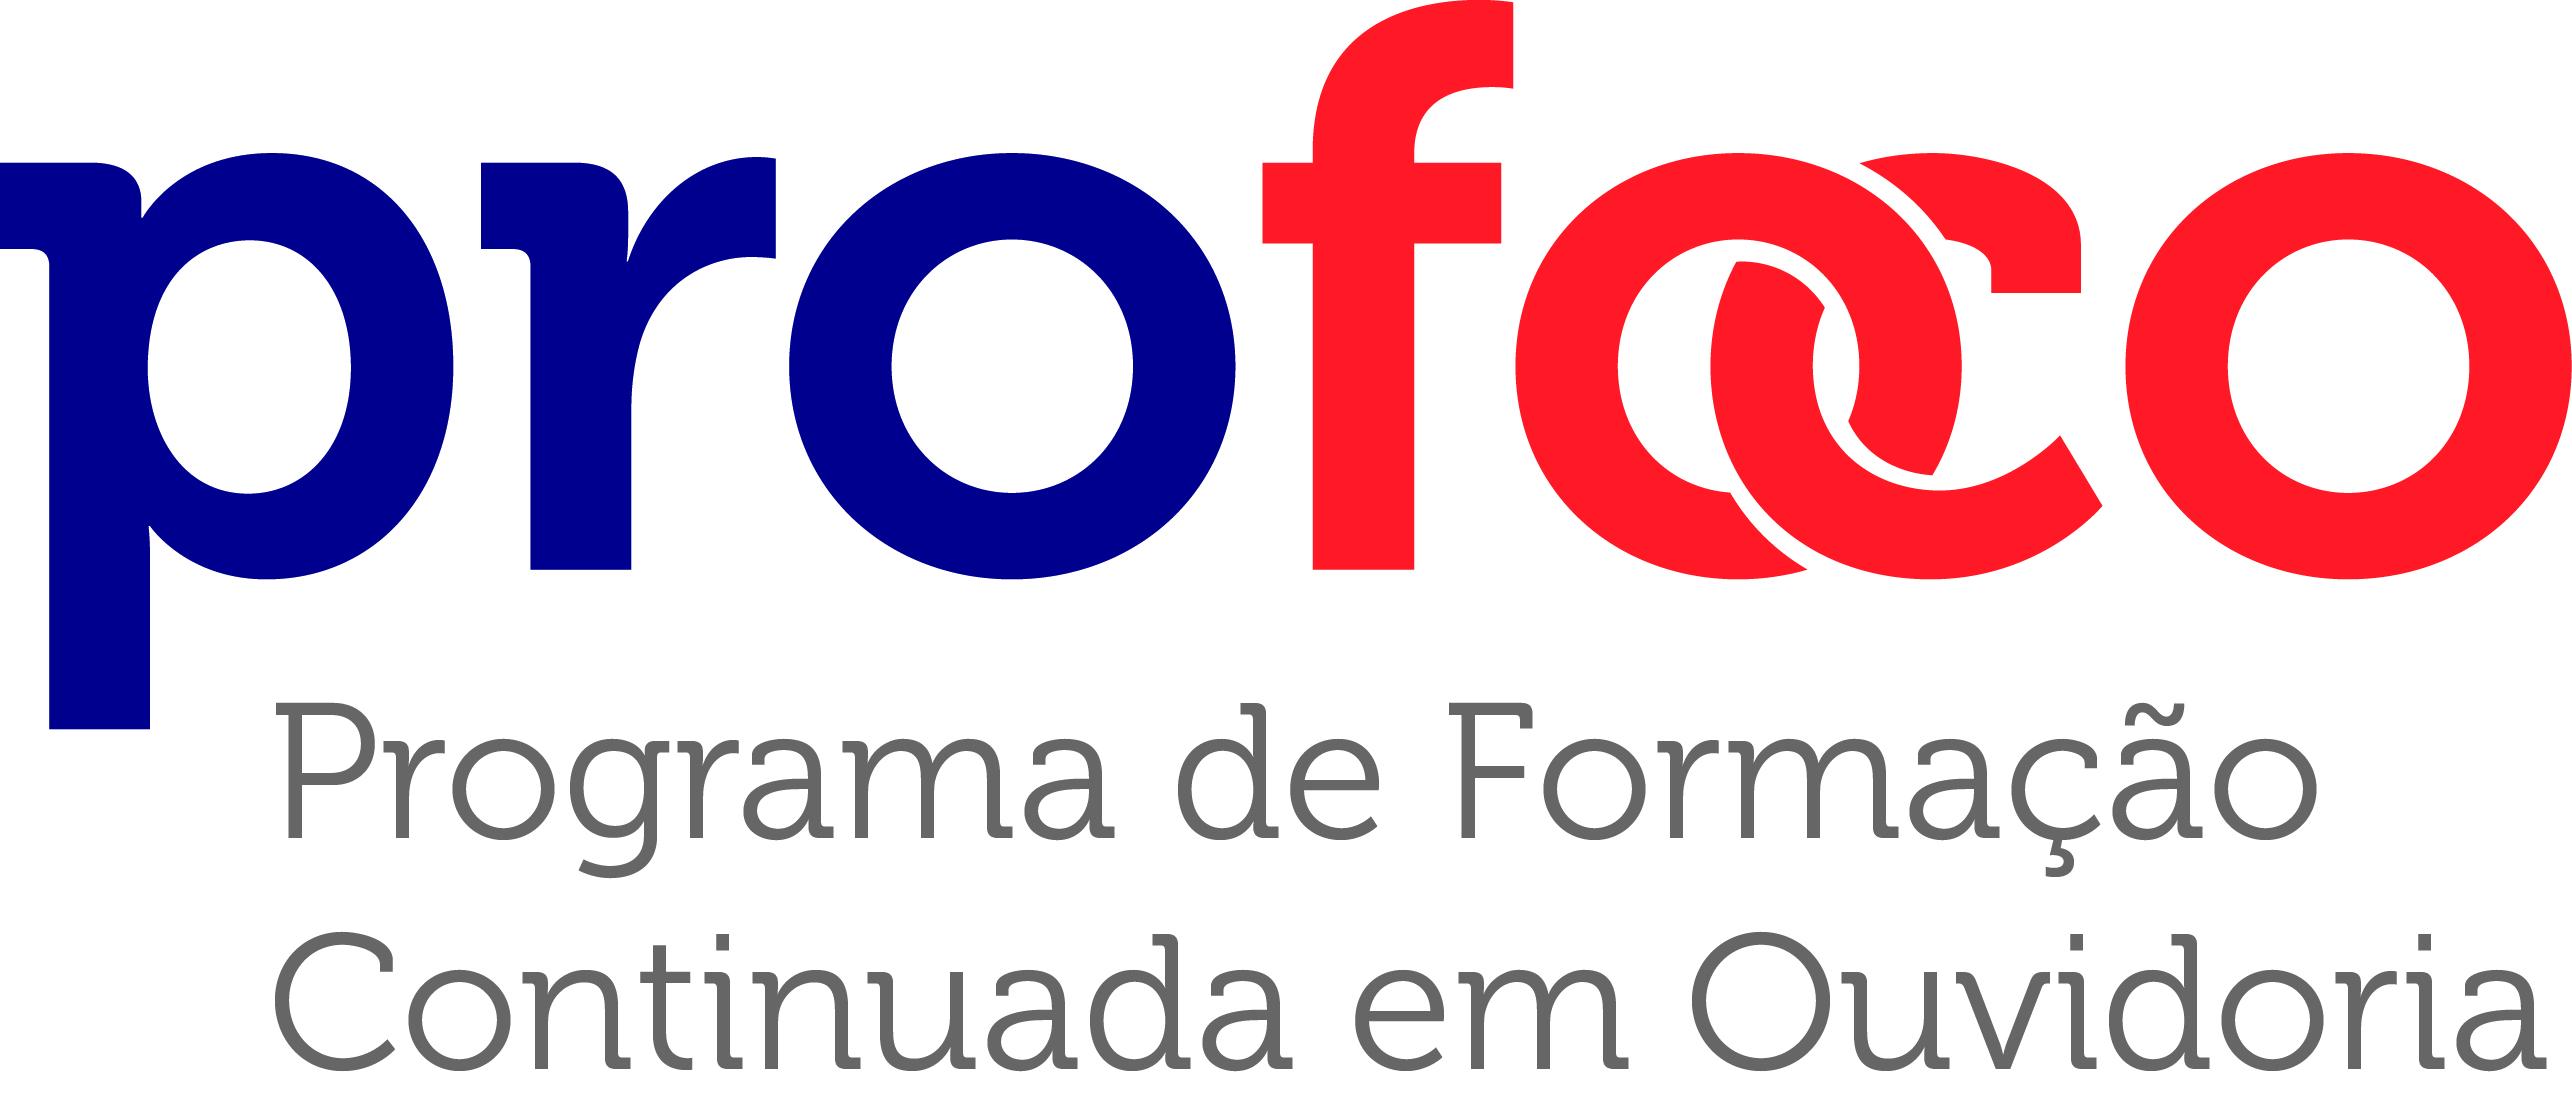 Curso Práticas de Atendimento ao Cidadão em Ouvidoria, no período de 25 a 27 de setembro de 2018, na cidade de Florianópolis/SC